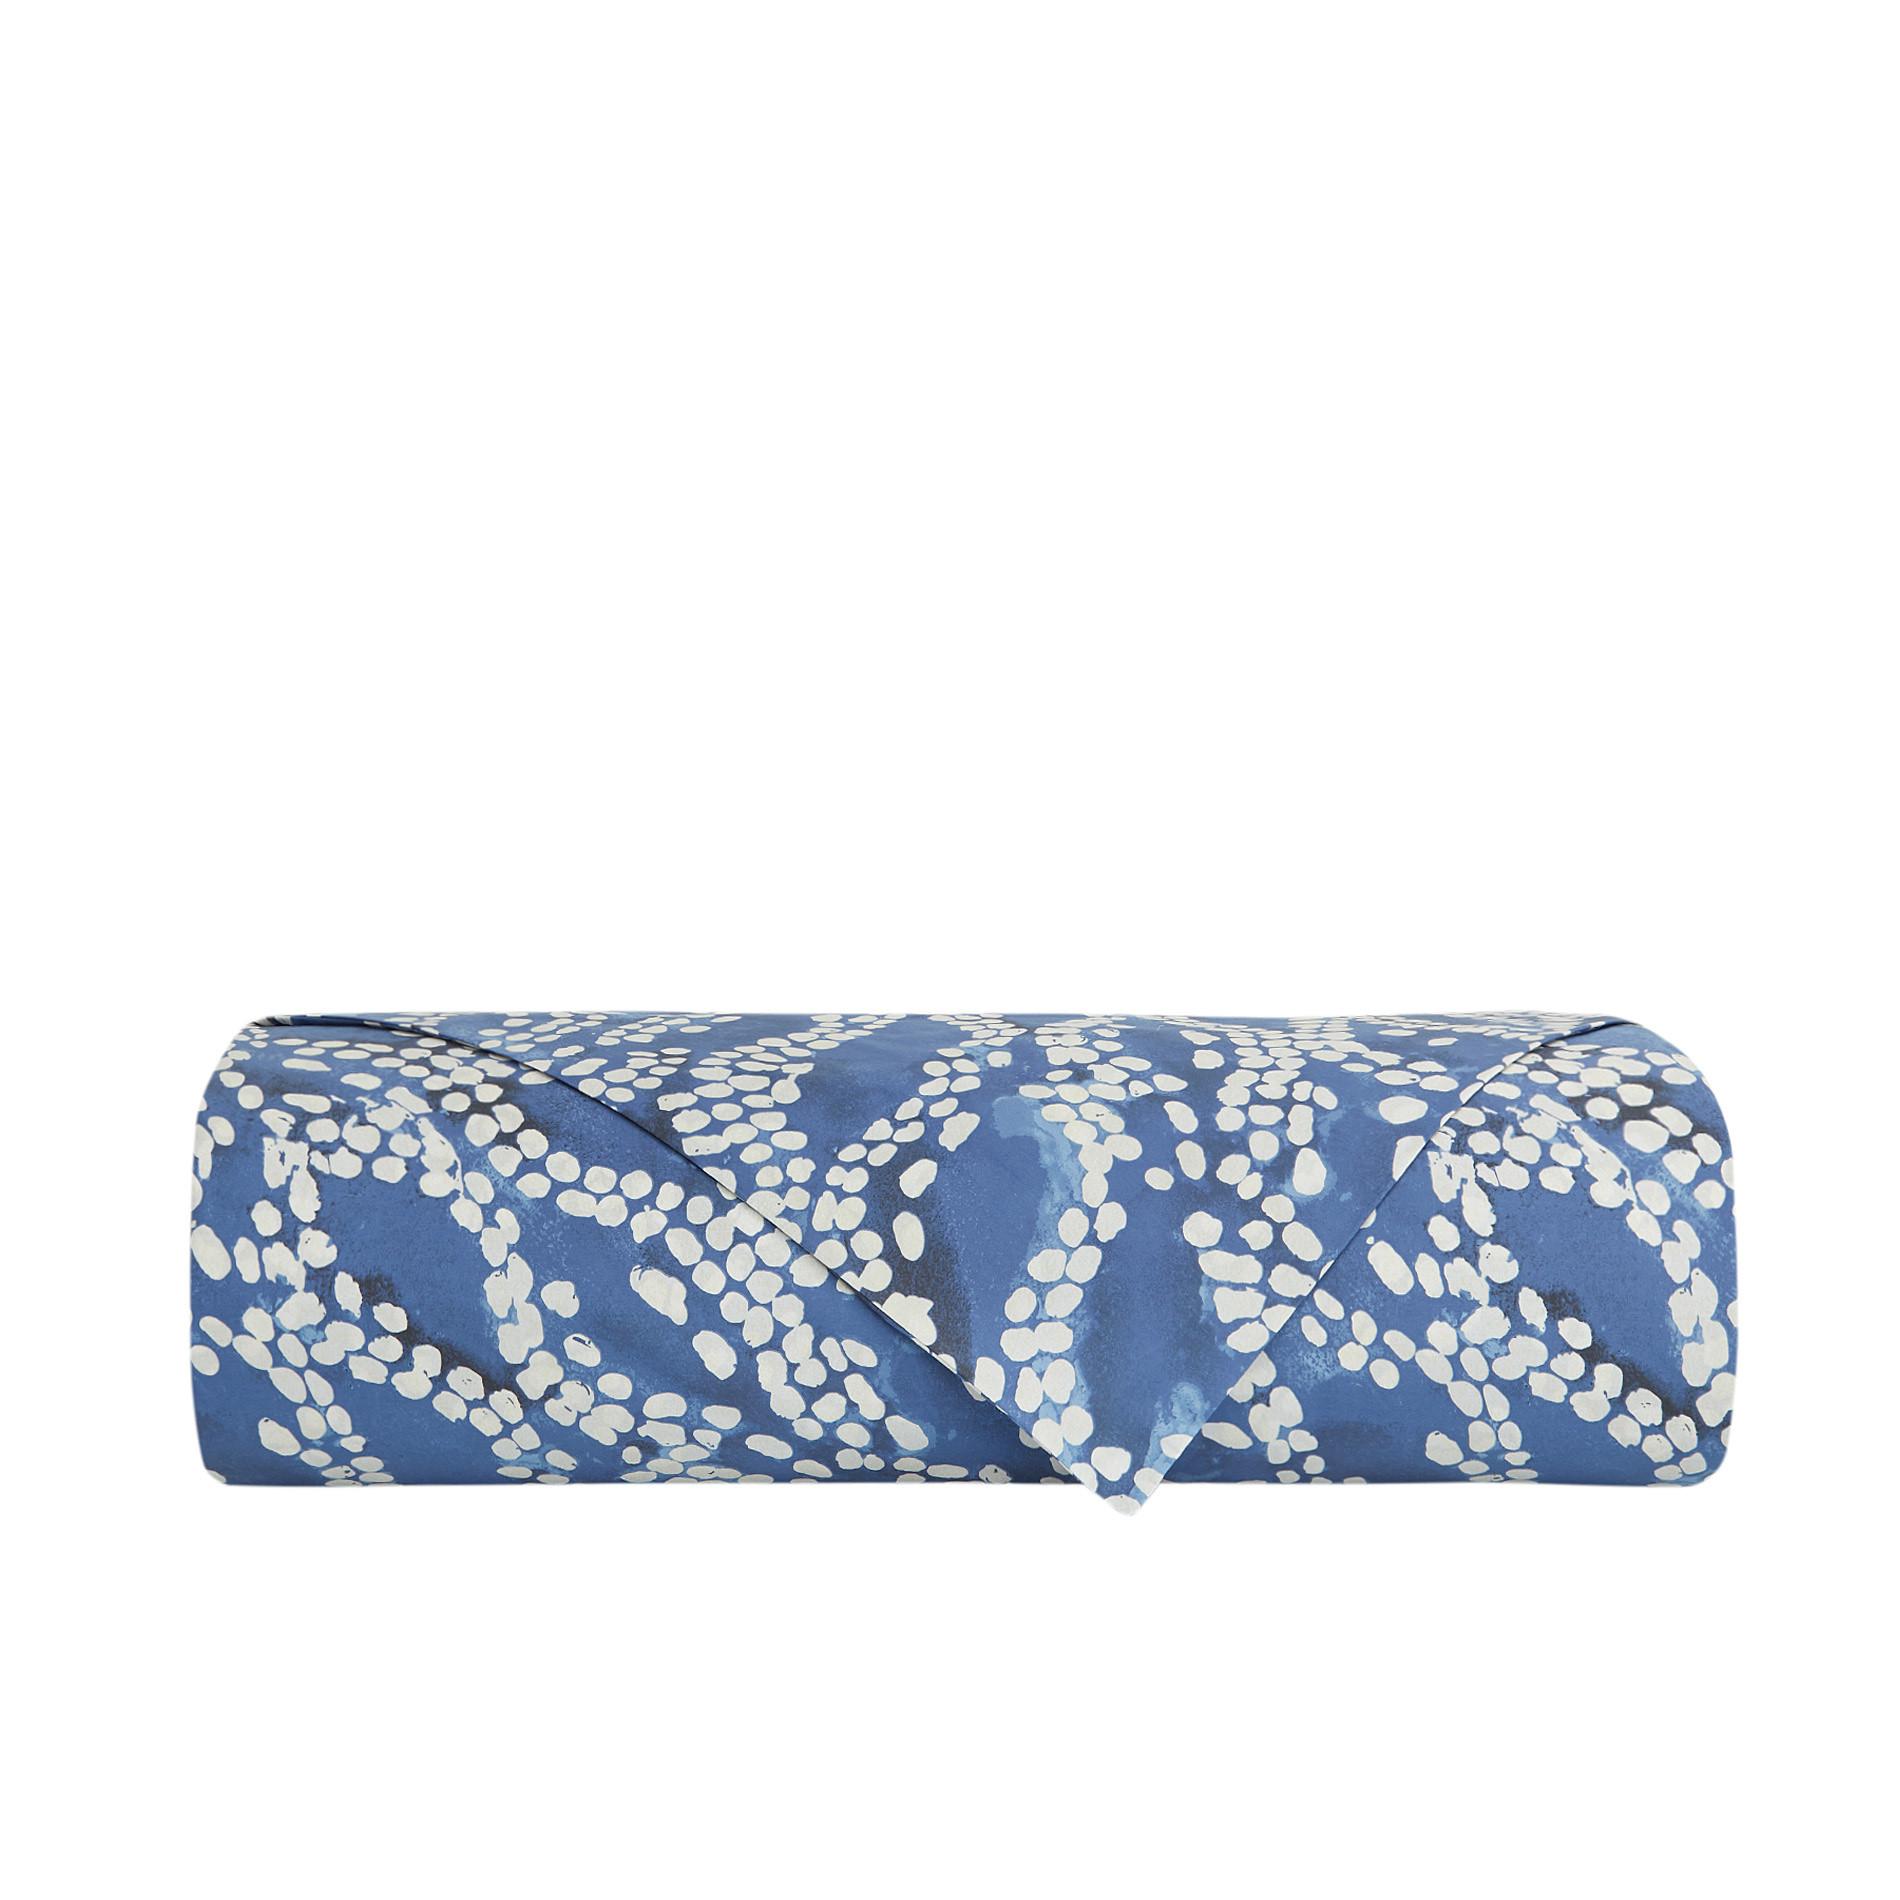 Lenzuolo liscio cotone percalle fantasia a puntini, Blu, large image number 1